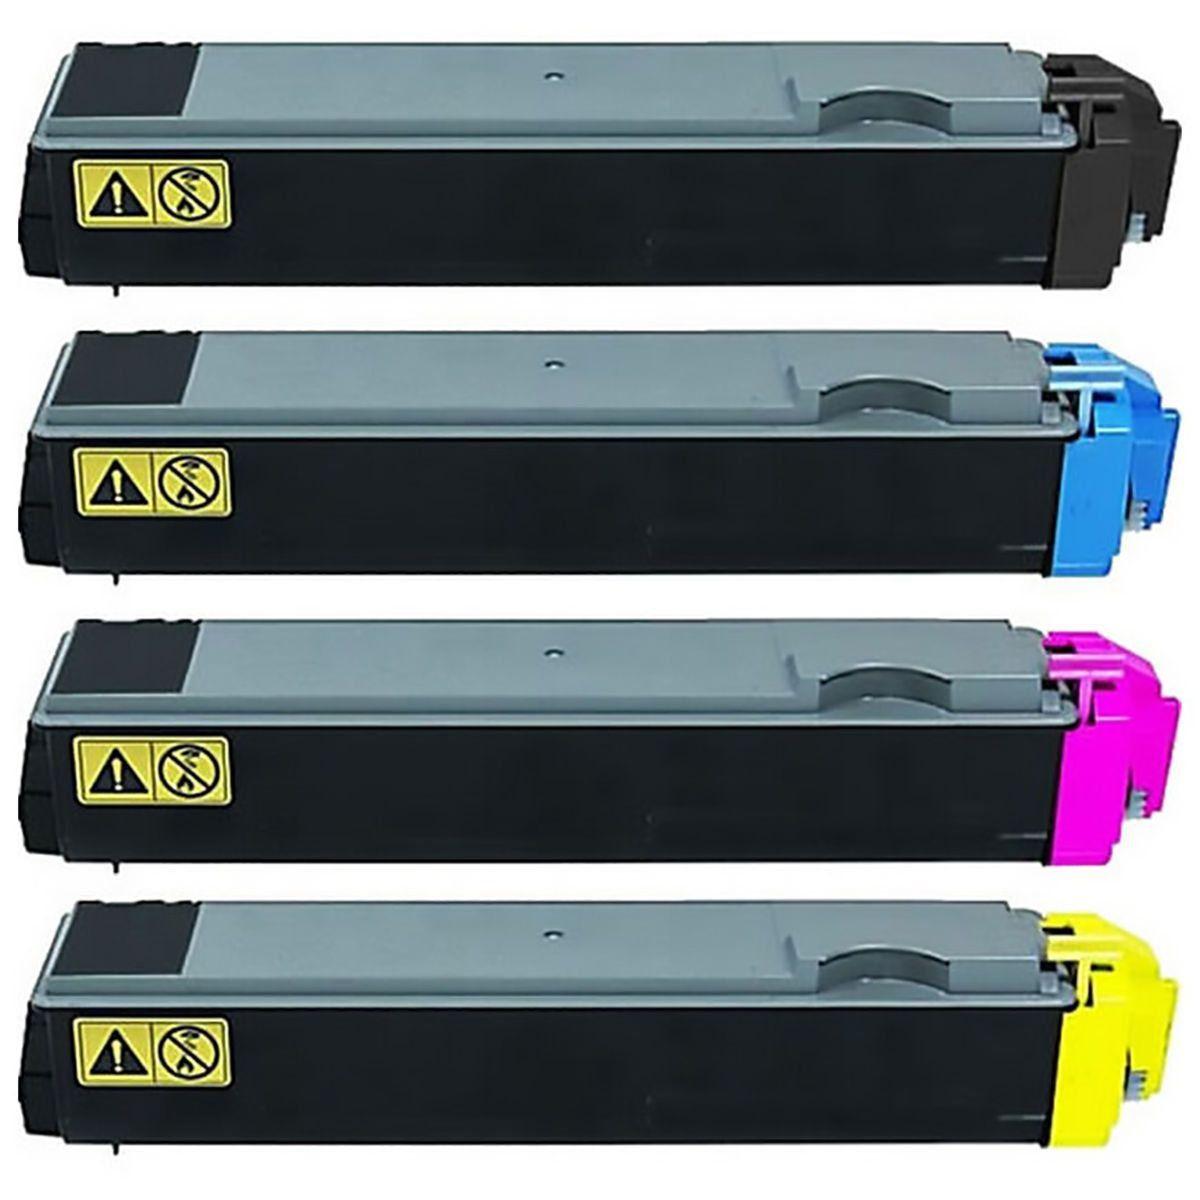 Compatível: Kit Colorido de Toner TK-582 TK582 para Kyocera FSC5150 FSC5150dn C5150dn Ecosys P6021 P6021cdn 6021cdn